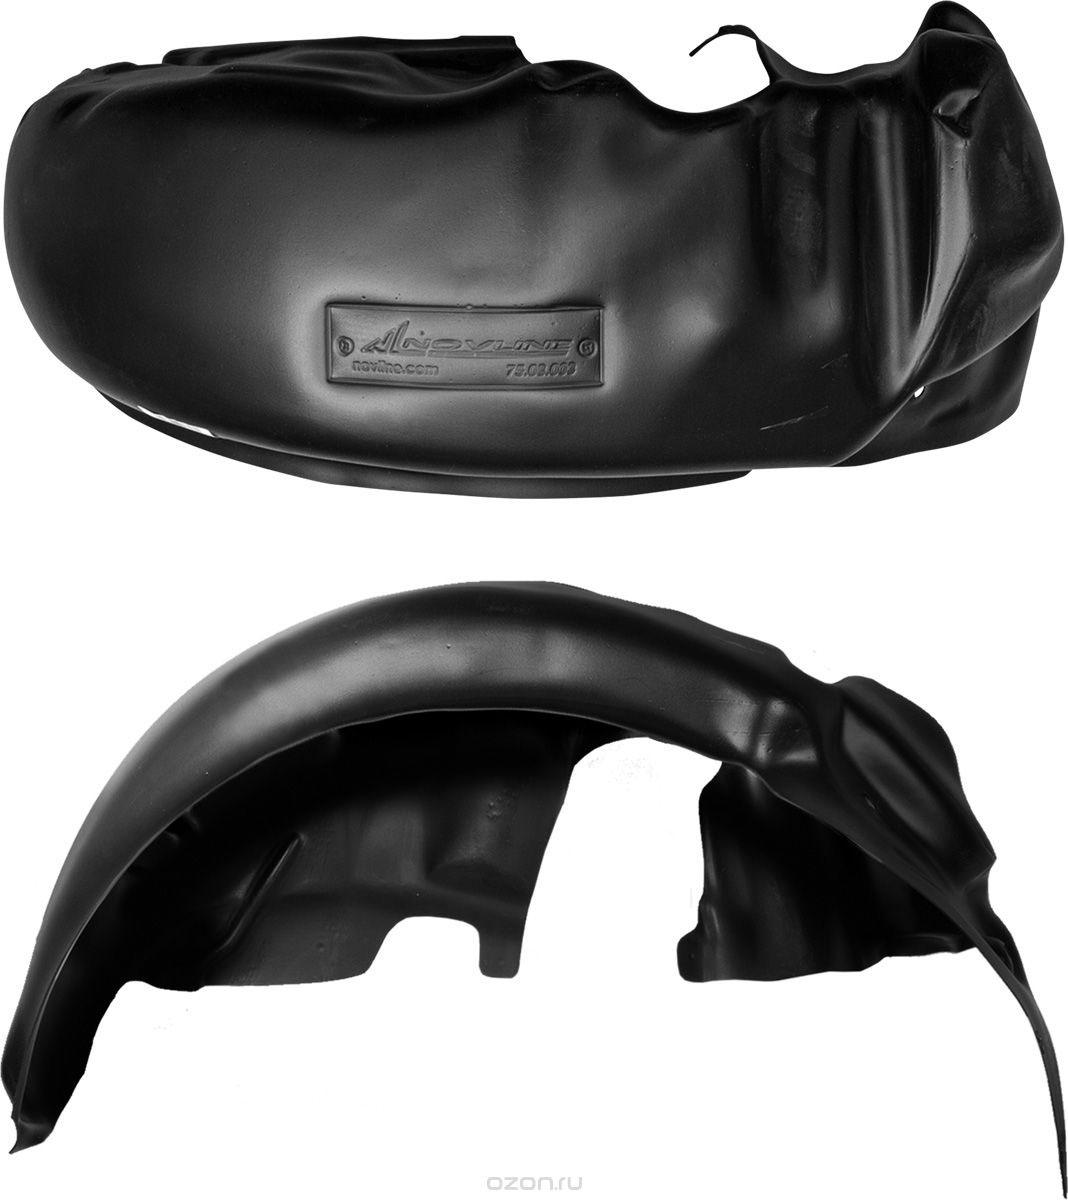 Подкрылок Novline-Autofamily, для Citroen Jumper, 2006-2014, 2014->, без/с расширителями арок, задний правыйNLL.10.22.004Идеальная защита колесной ниши. Локеры разработаны с применением цифровых технологий, гарантируют максимальную повторяемость поверхности арки. Изделия устанавливаются без нарушения лакокрасочного покрытия автомобиля, каждый подкрылок комплектуется крепежом. Уважаемые клиенты, обращаем ваше внимание, что фотографии на подкрылки универсальные и не отражают реальную форму изделия. При этом само изделие идет точно под размер указанного автомобиля.